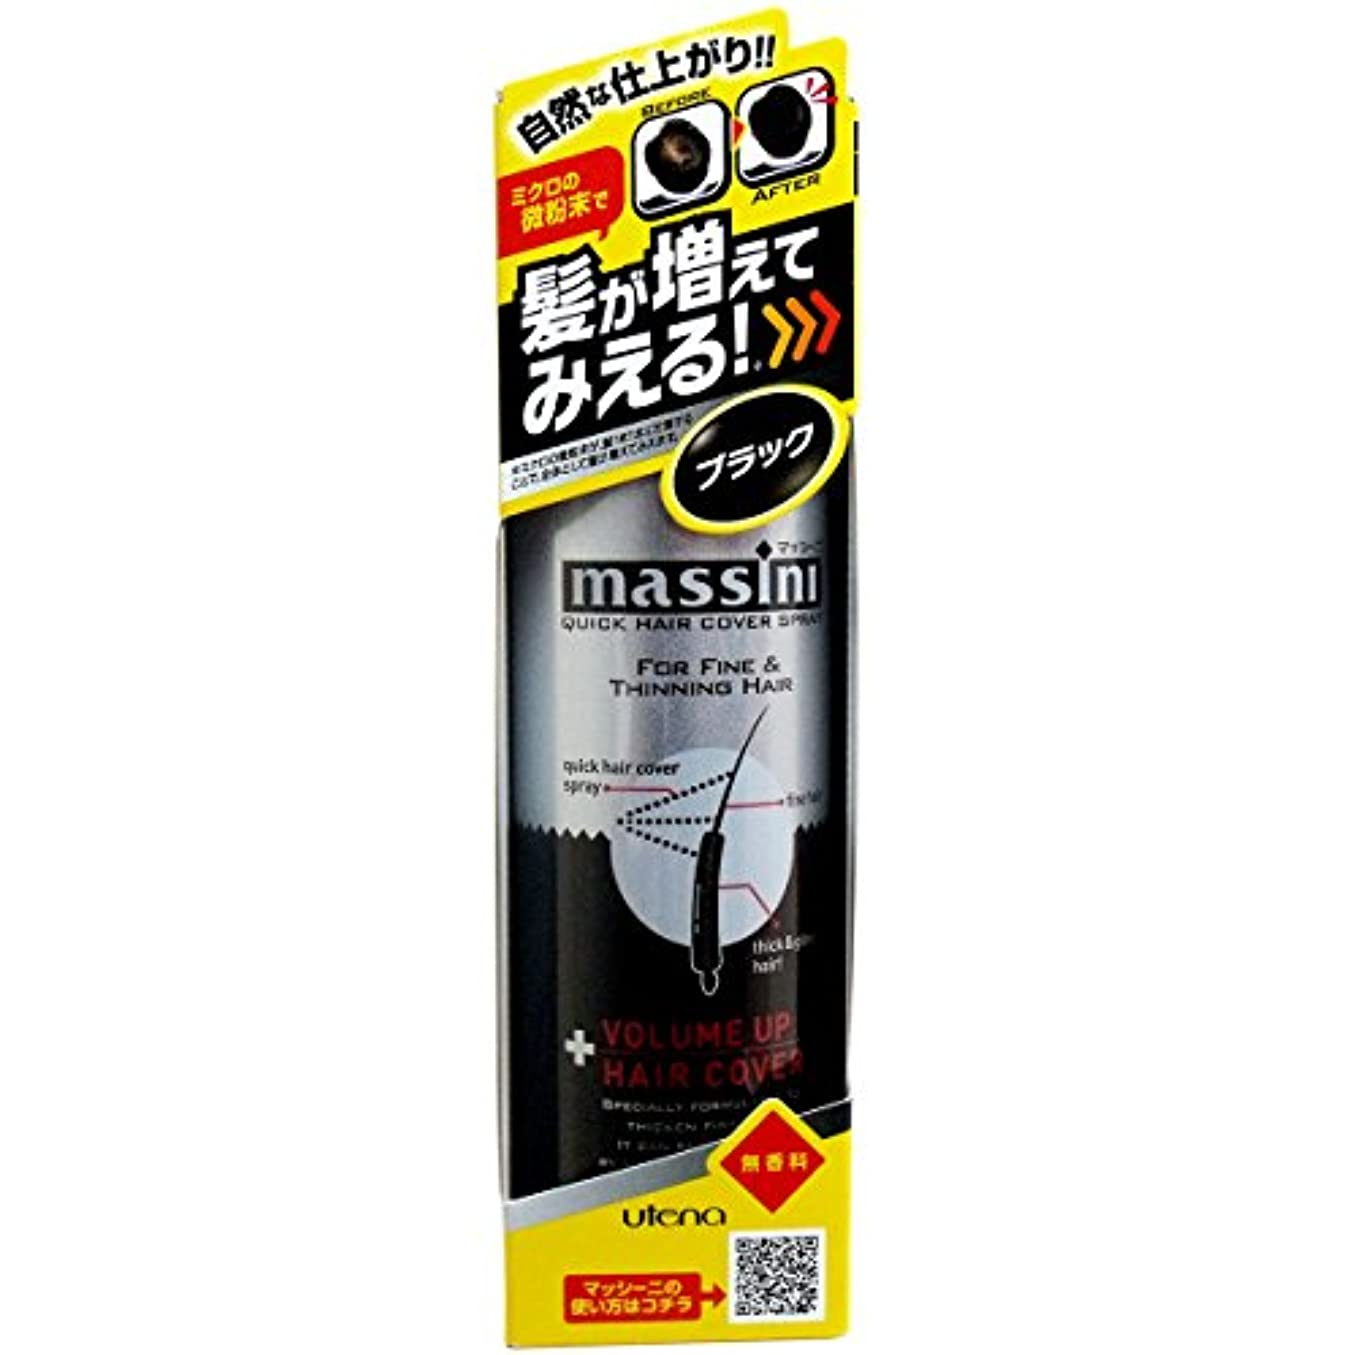 ディレクター謎スイング【ウテナ】マッシーニ クィックヘアカバースプレー(ブラック) 140g ×5個セット